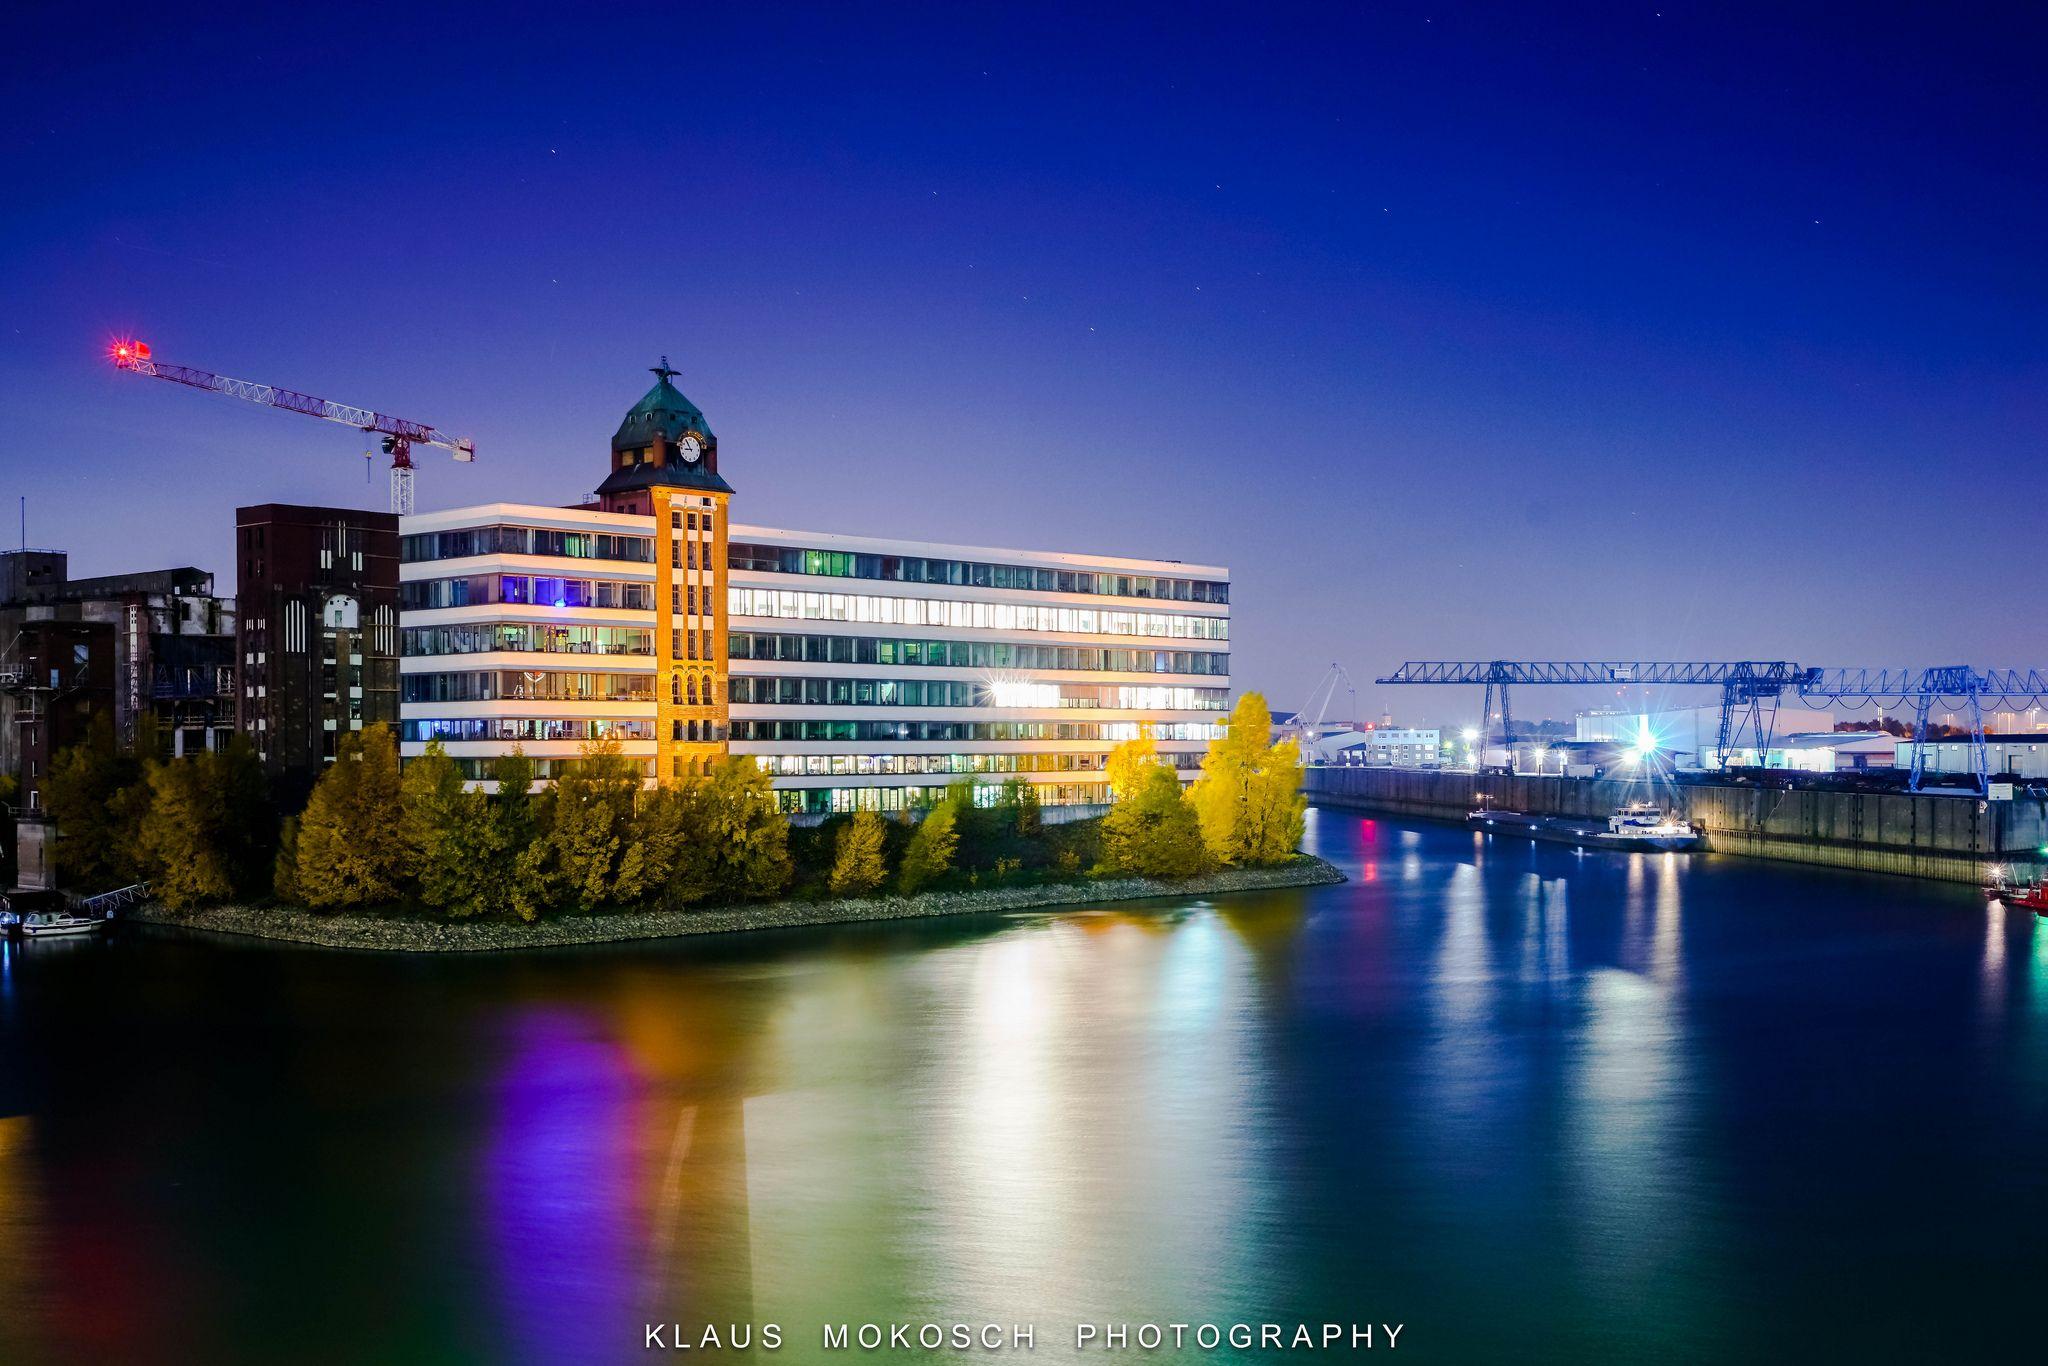 https://flic.kr/p/zrA4LZ   Düsseldorf - Medienhafen - Neuss-Düsseldorfer Häfen GmbH & Co. KG   Düsseldorf-Hafen ist ein durch Industrie, Logistik, Gewerbe und Büronutzung geprägter Stadtteil Düsseldorfs mit lediglich 83 Einwohnern, was auf einer Gesamtfläche von 3,85 km² einer Einwohnerdichte von 22 Einwohner/km² entspricht; somit ist er der am dünnsten besiedelte der 50 Stadtteile Düsseldorfs. Einen Großteil der Fläche belegt der 1896 eröffnete Düsseldorfer Wirtschaftshafen; er ist der…